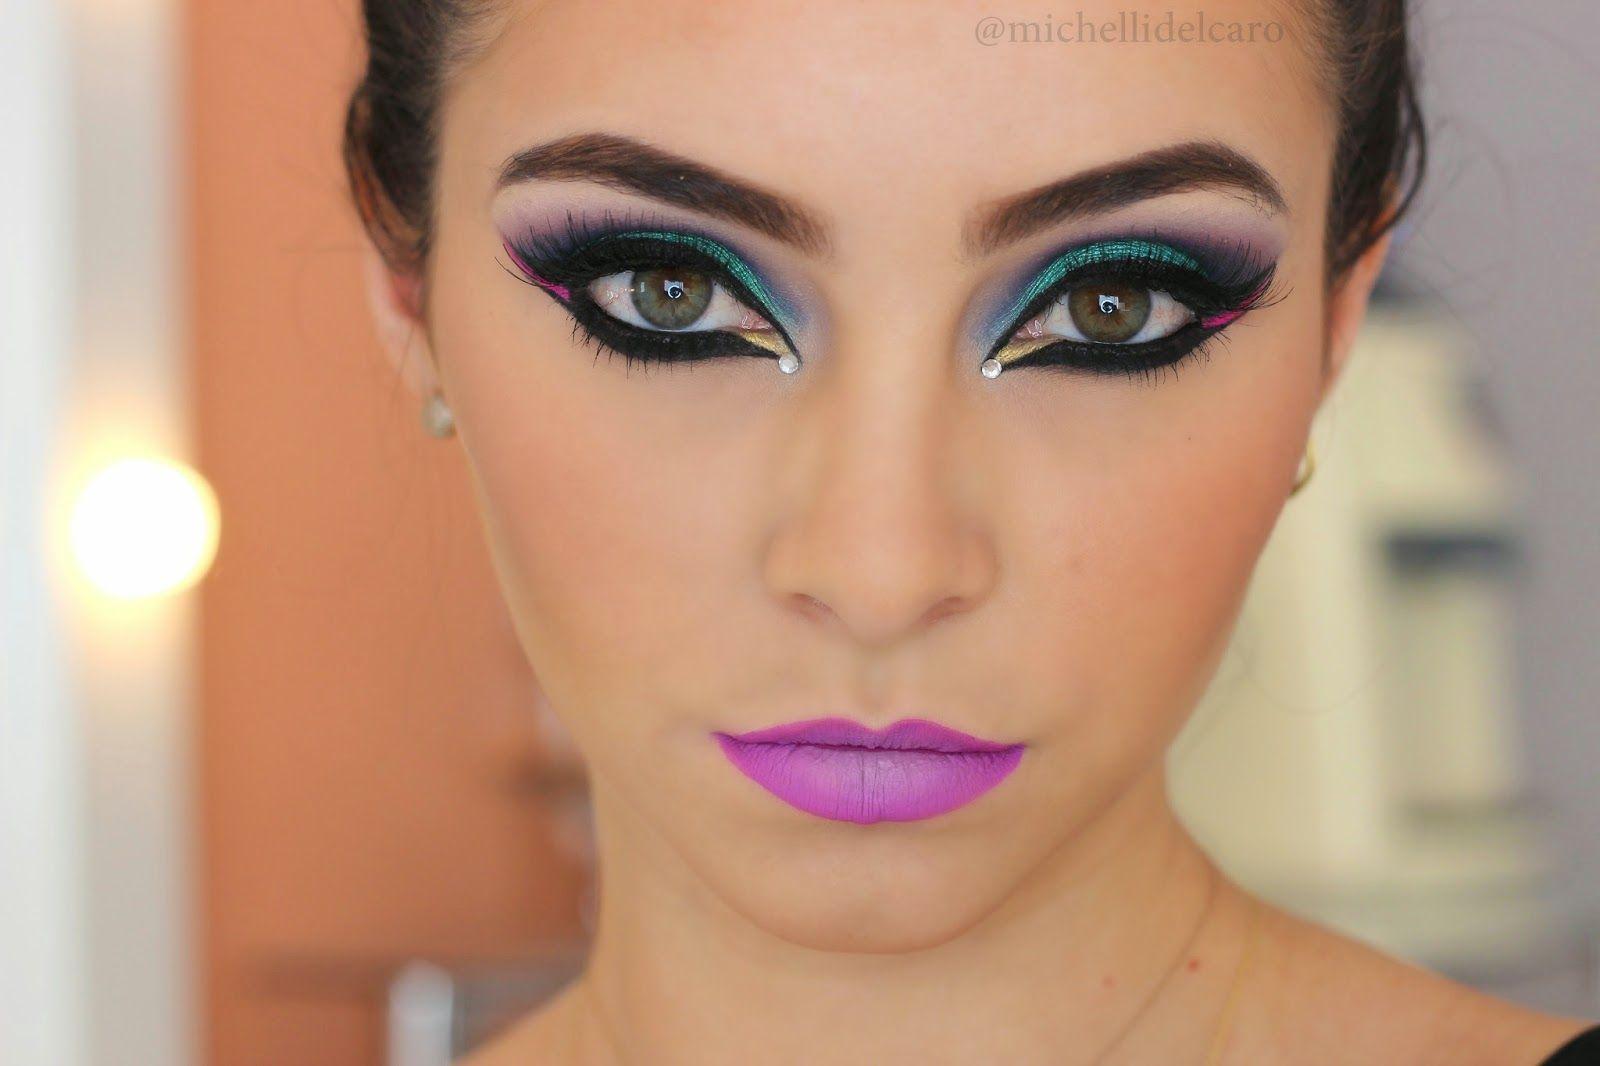 Michelli Make Up: Maquiagem Carnaval 2015